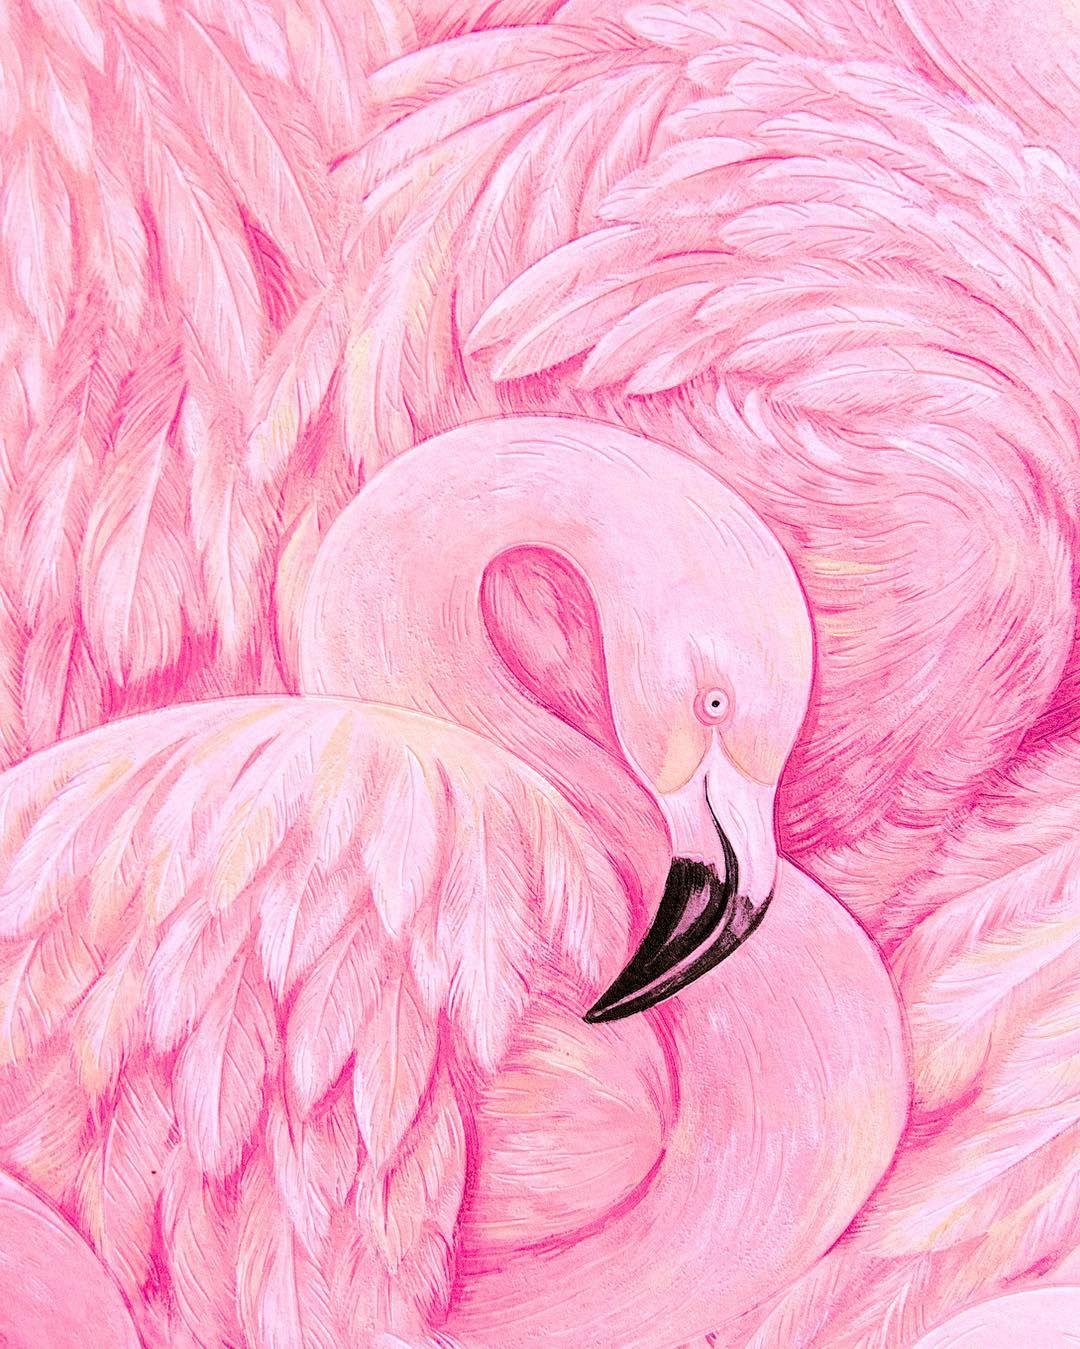 картинка розового фламинго рисунок оправдан